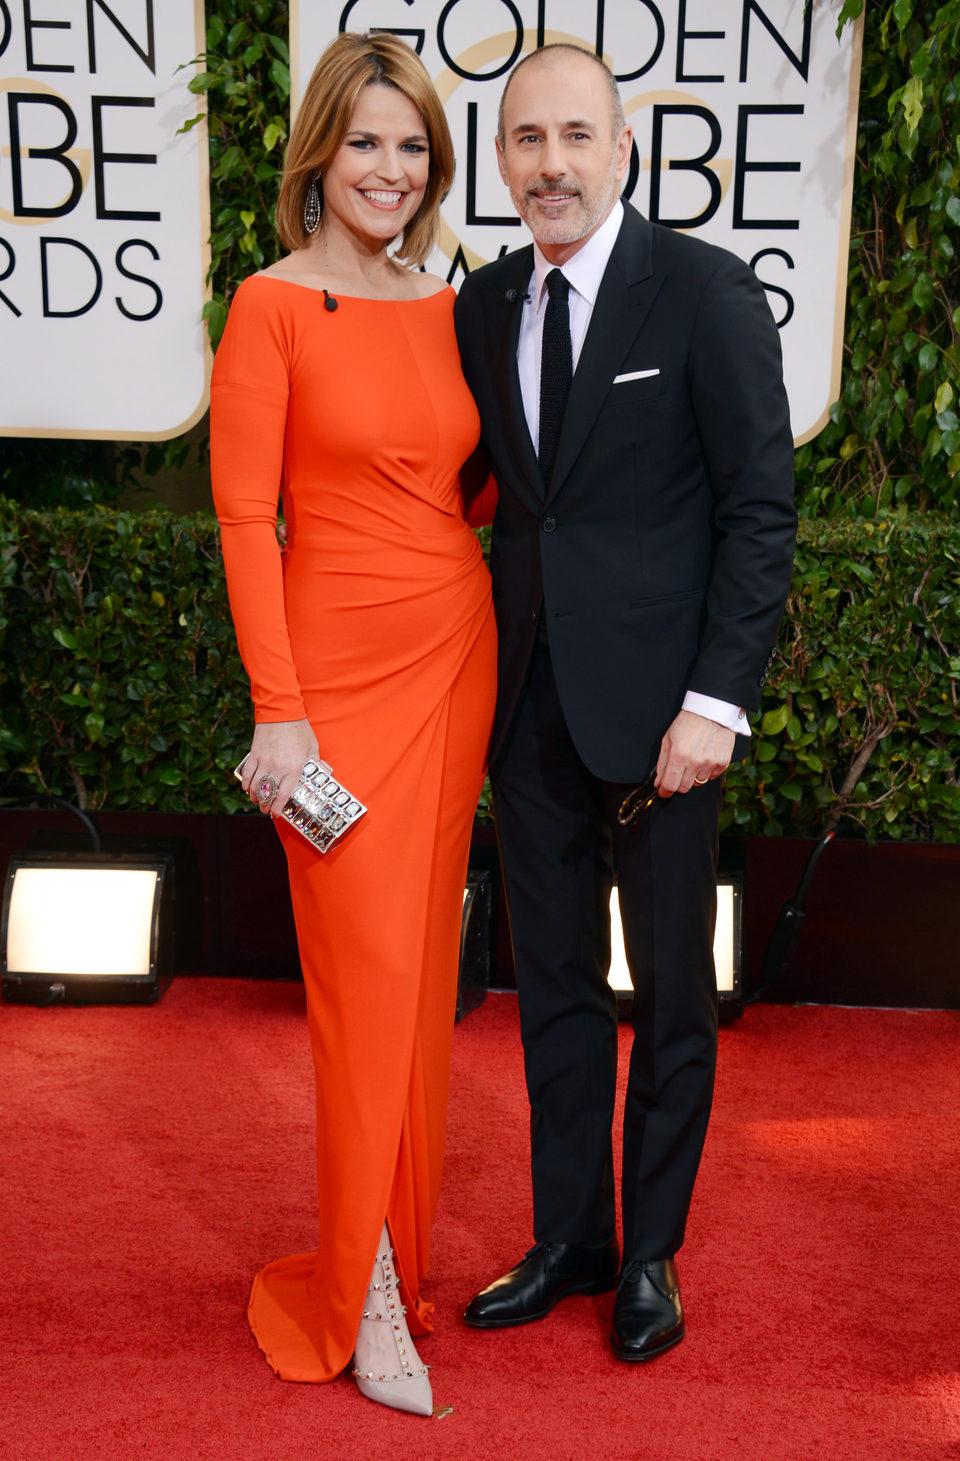 Matt Lauer y Savannah Guthrie en los Globos de Oro 2014